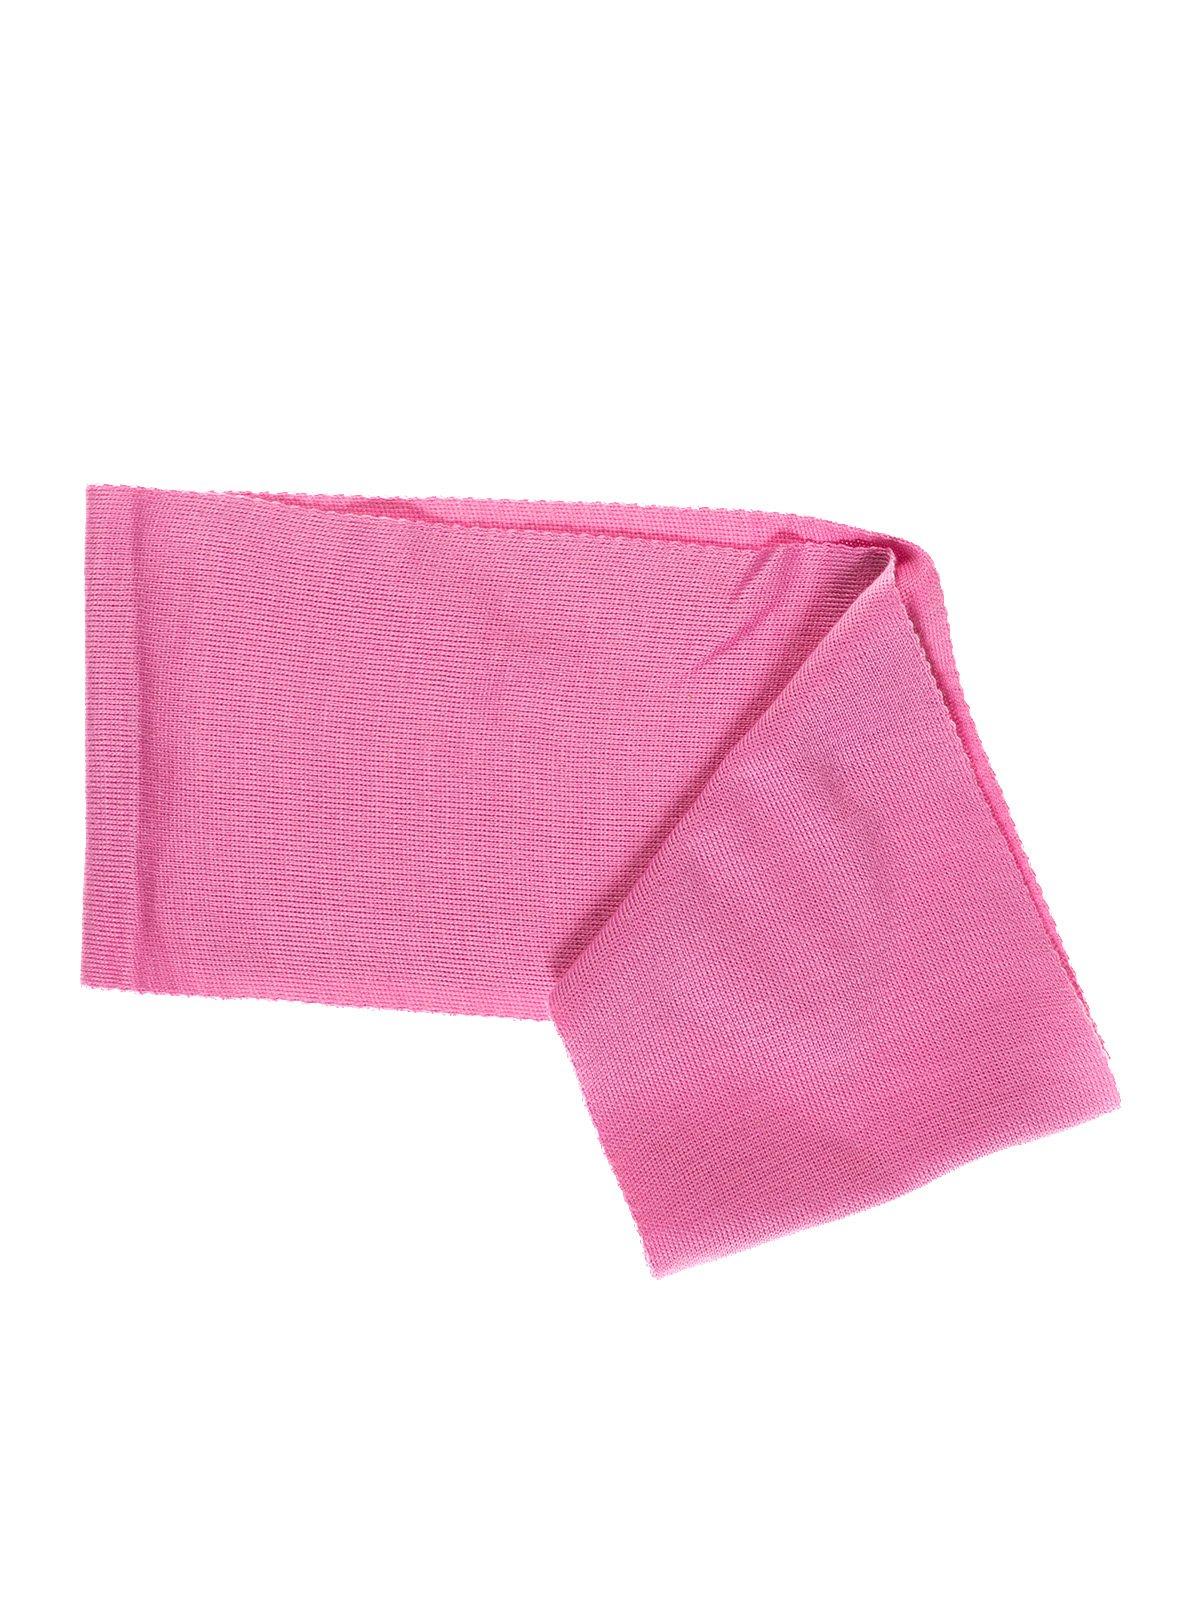 Шарф рожевий | 3623209 | фото 2